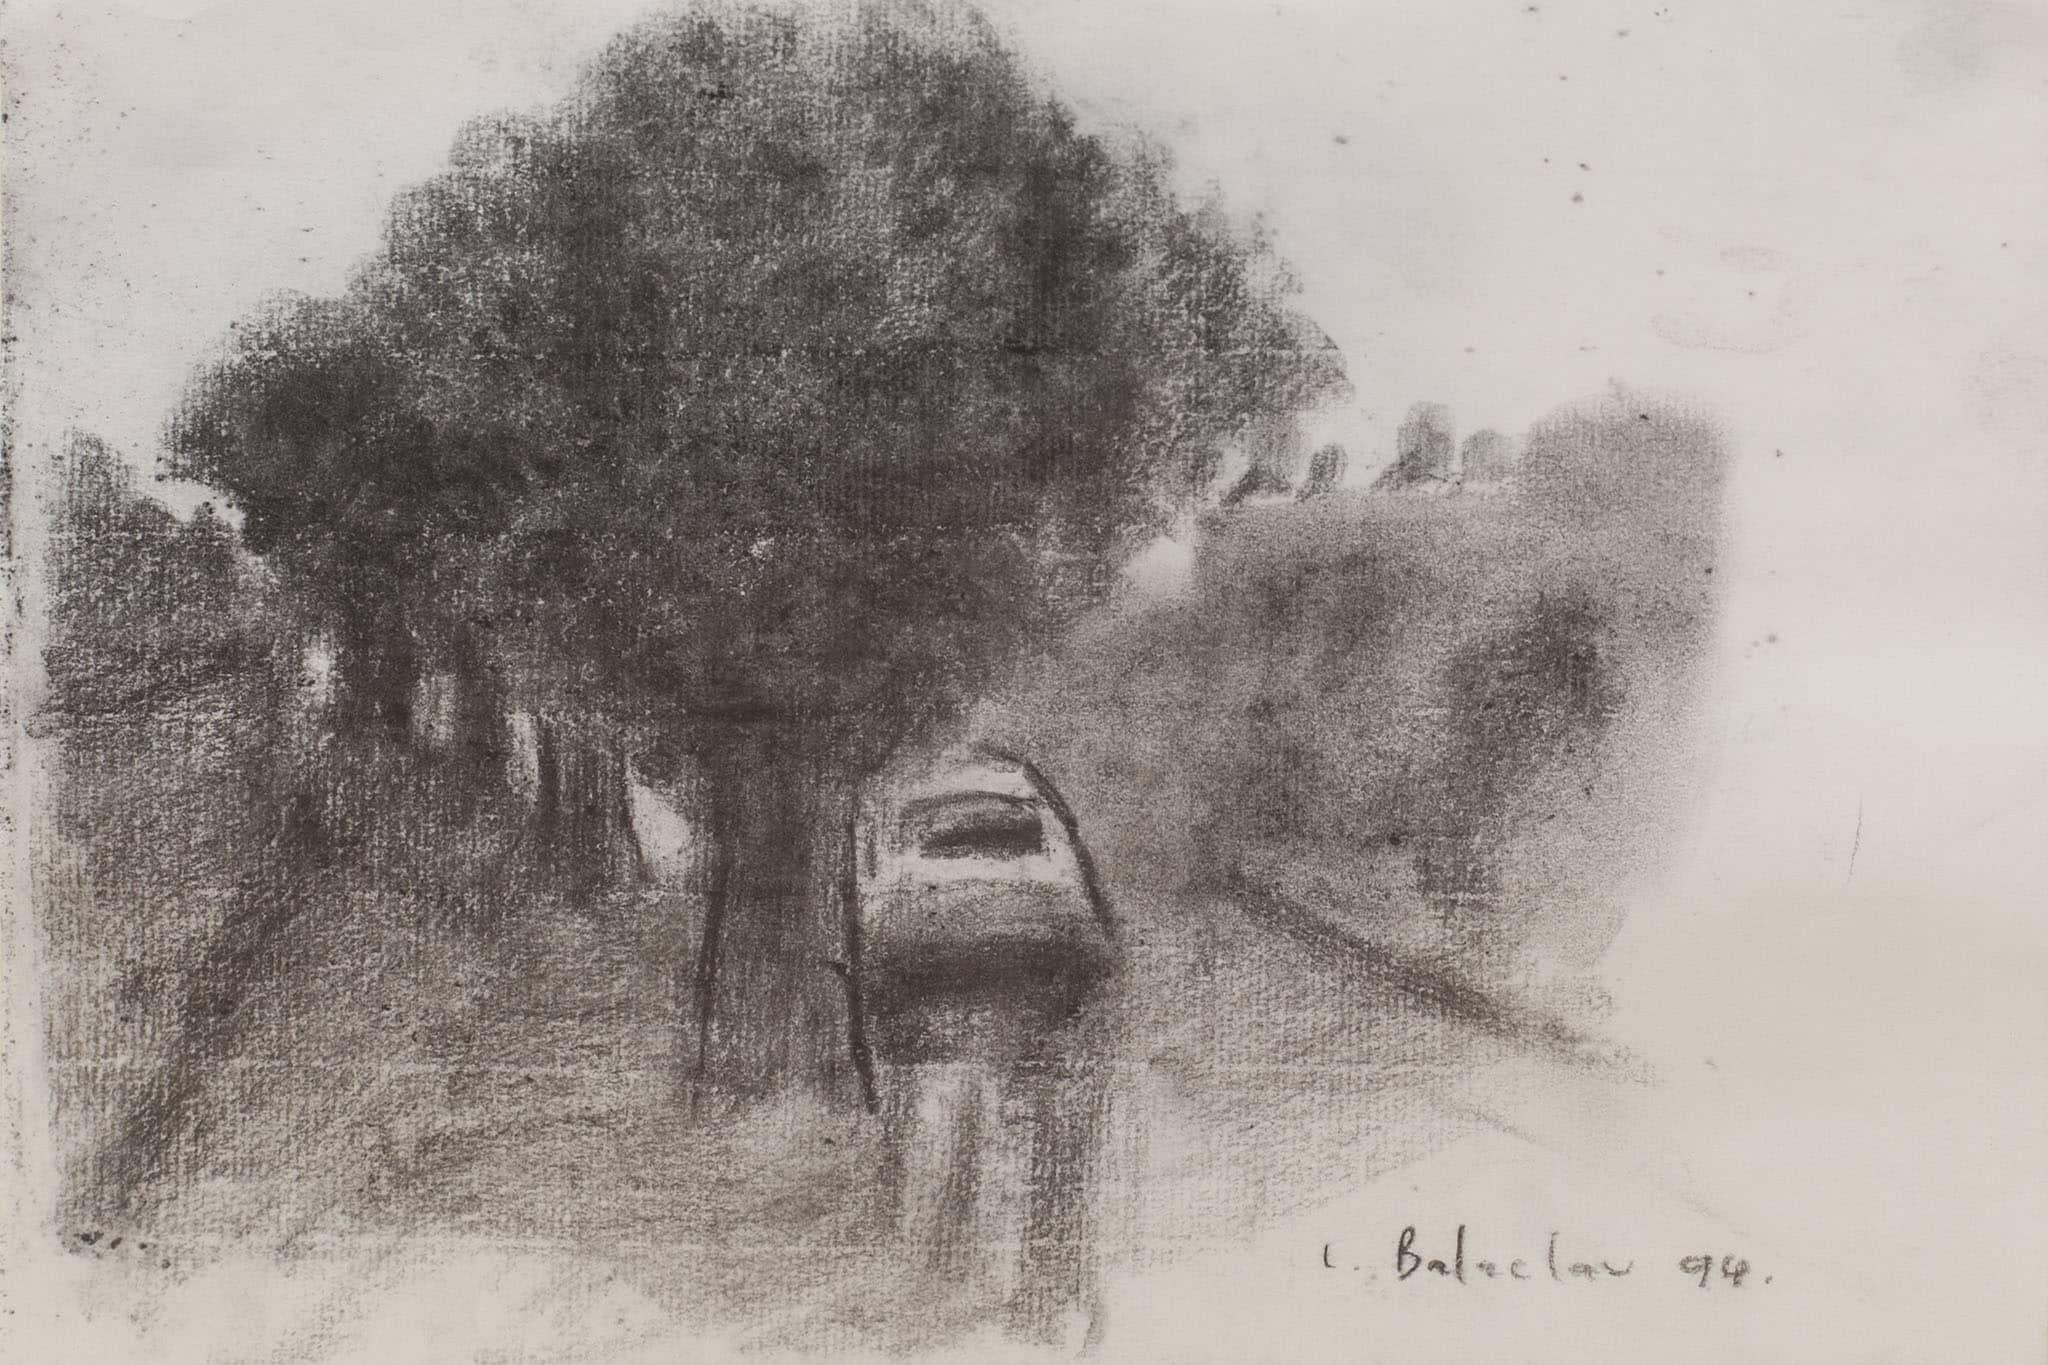 """לאוניד בלקלב, 1994, גרפיט על נייר, 30x20 ס""""מ"""